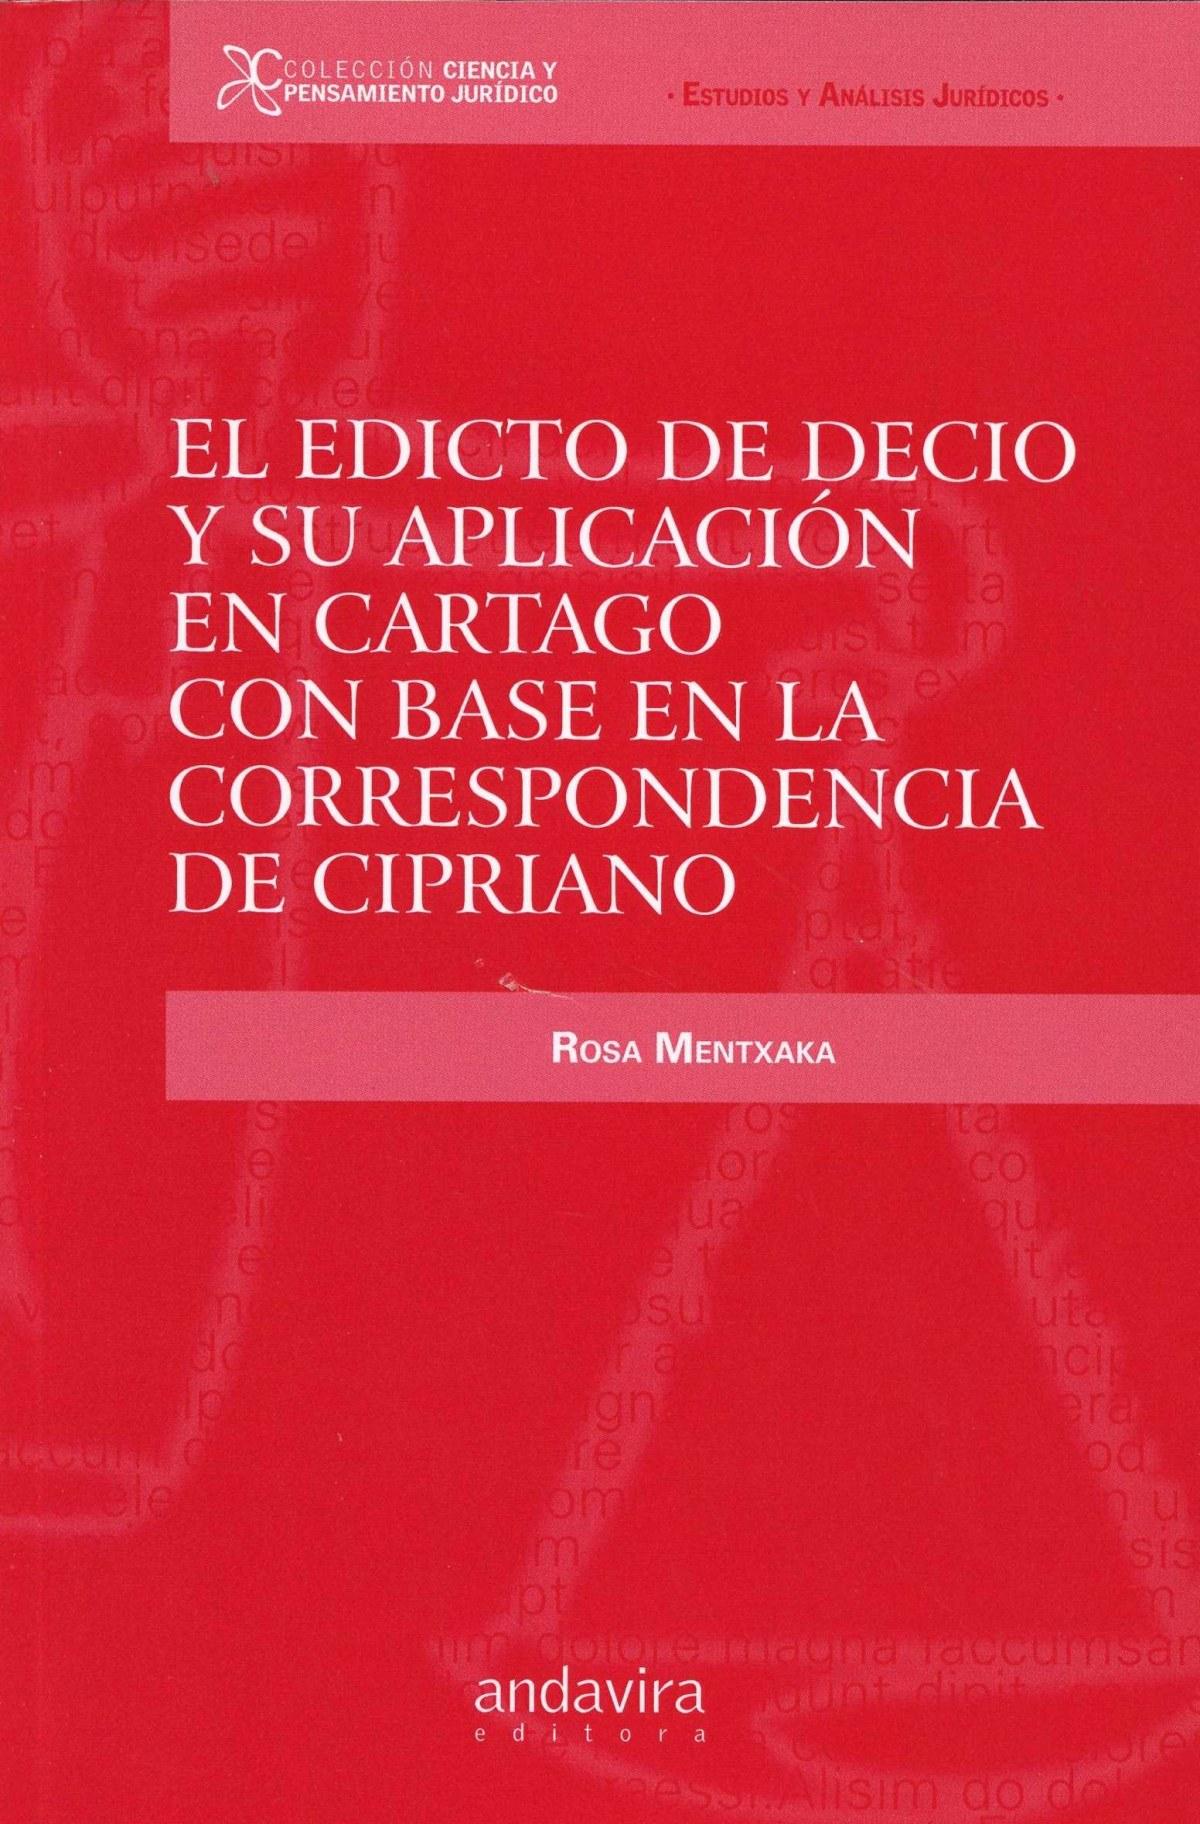 El Editio de Decio y su aplicaci¢n en Cartago con base en la correspondencia de Cipriano